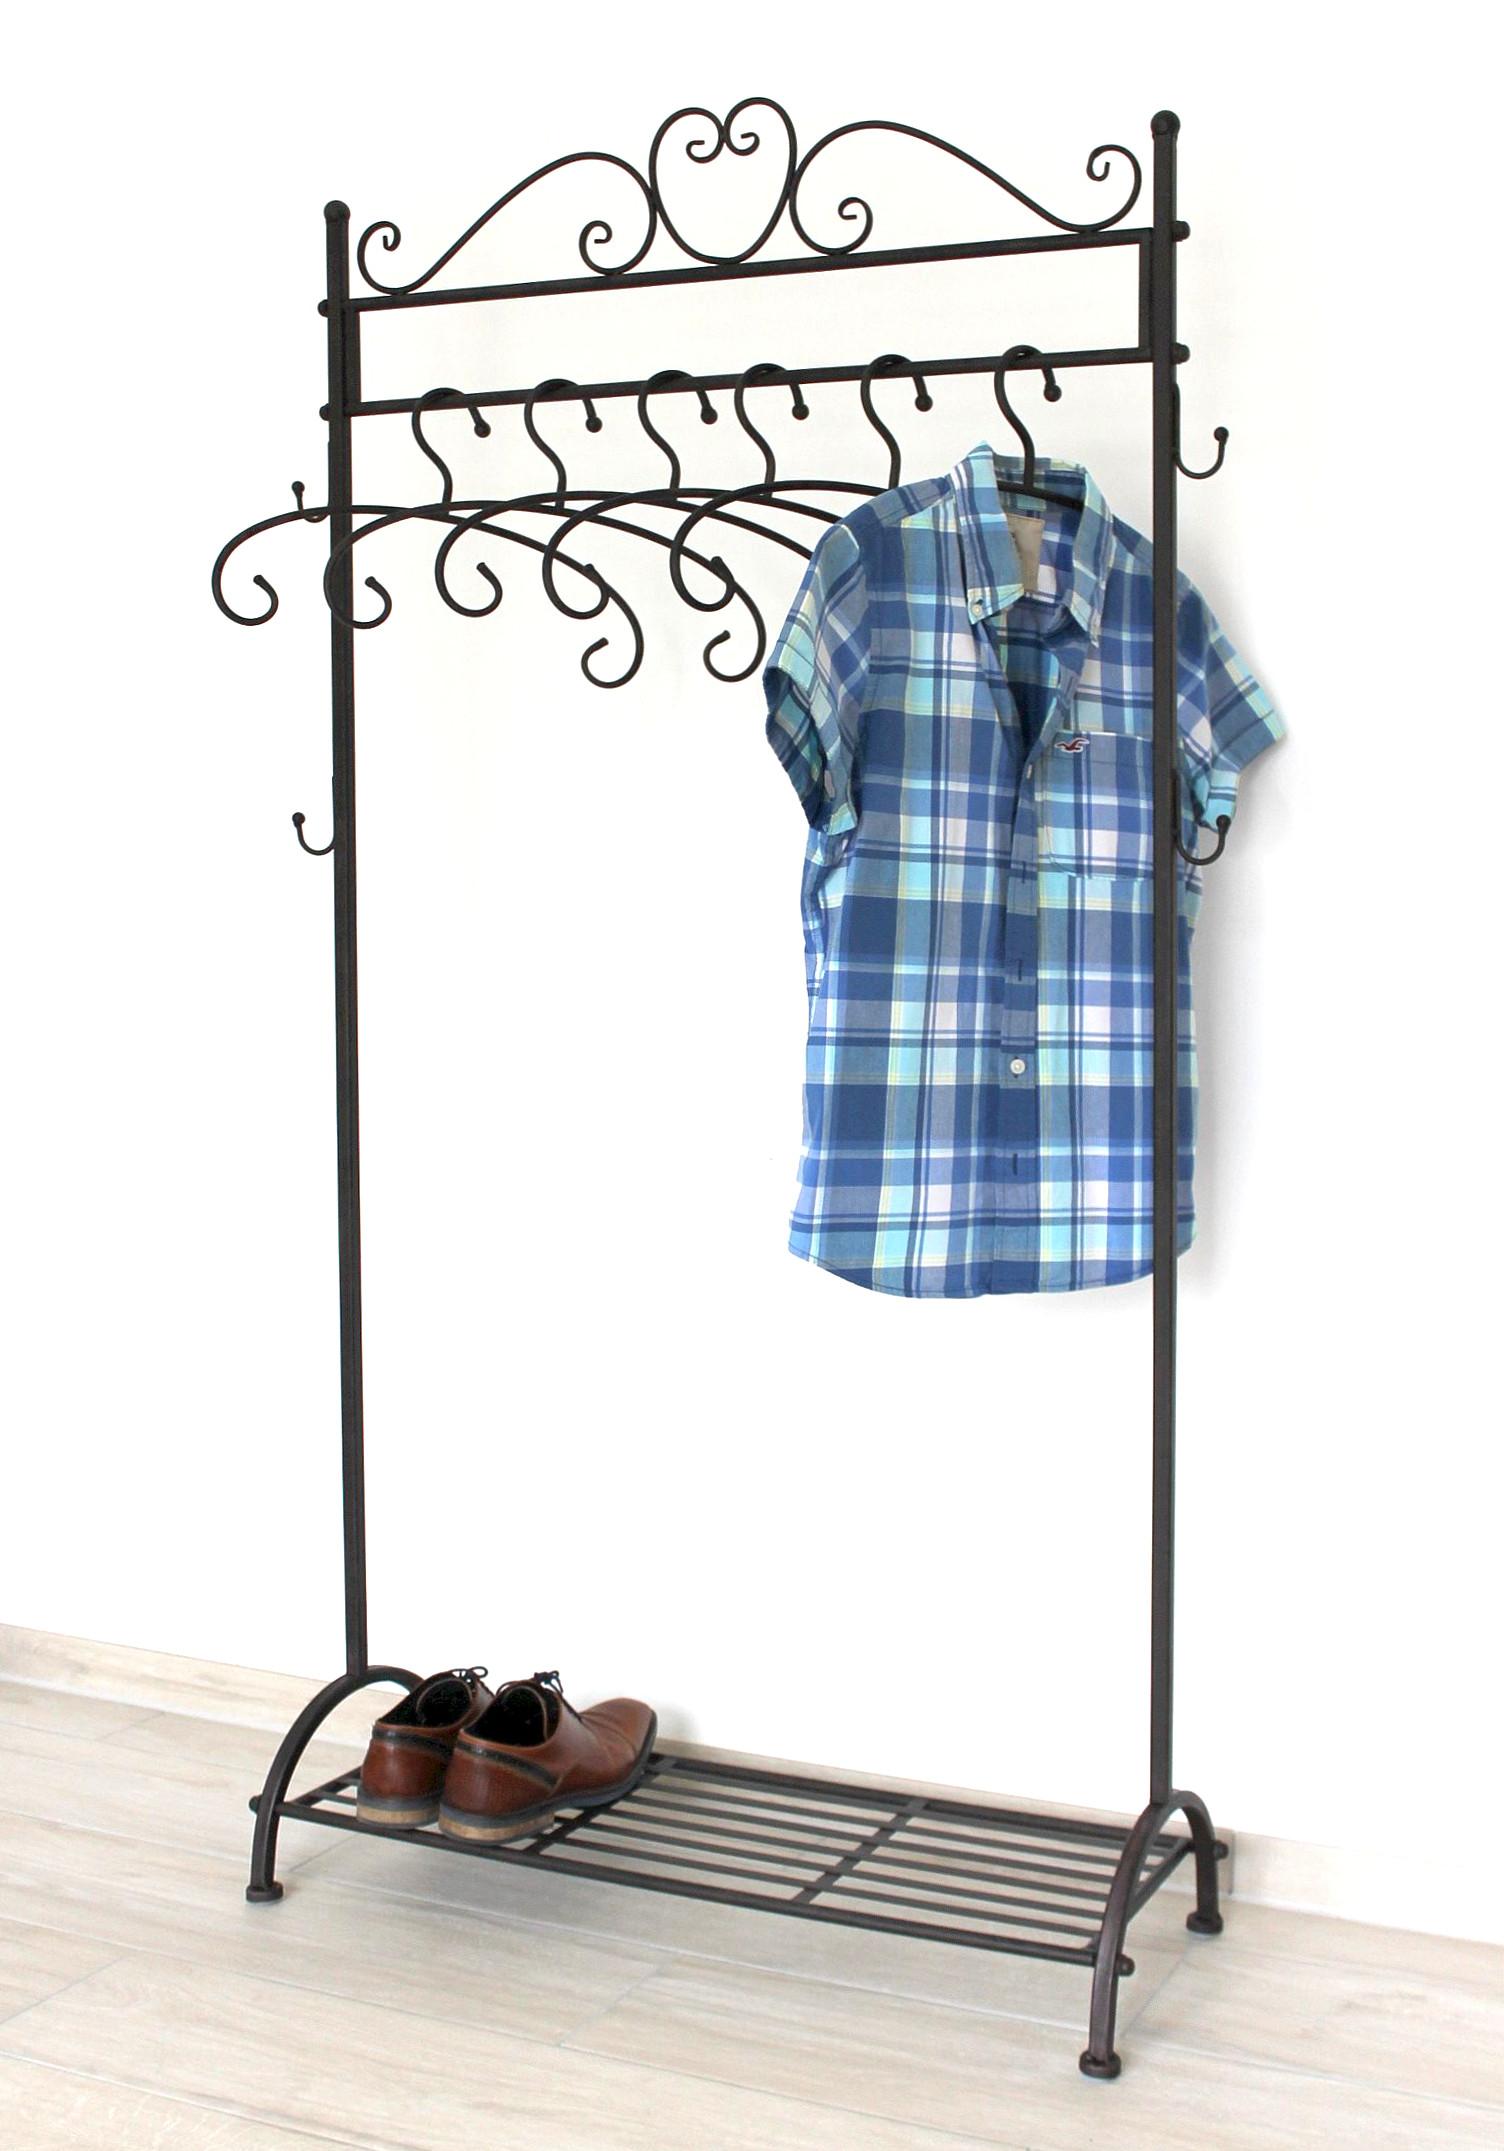 kleiderstange garderobenst nder garderobe mit 6 kleiderb geln ablage 95262 stabil. Black Bedroom Furniture Sets. Home Design Ideas